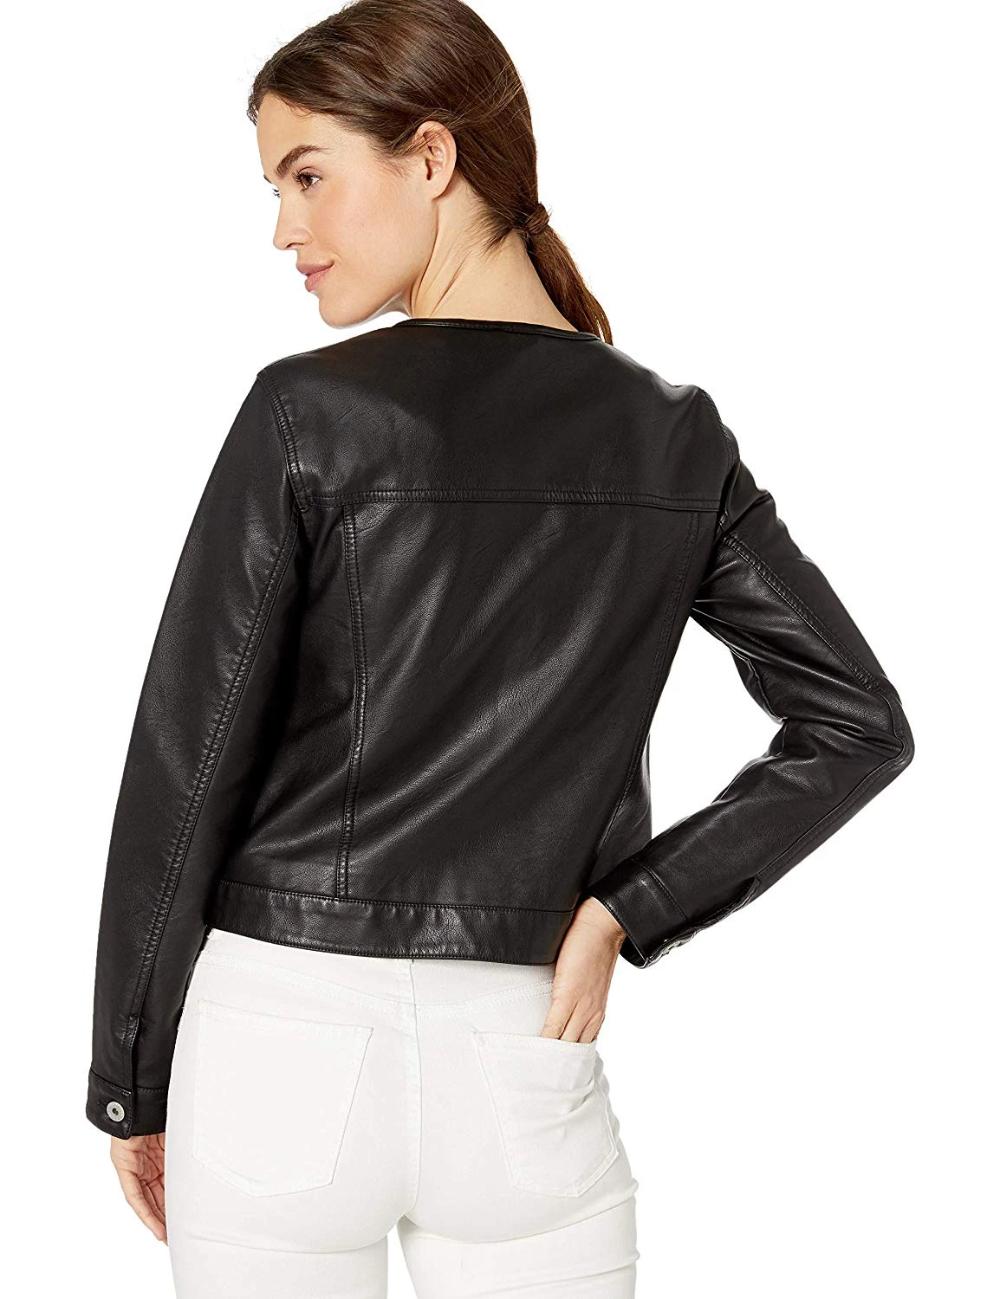 Levi S Women S Faux Leather Collarless Trucker Jacket Leather Jackets Women Womens Faux Leather Faux Leather Jacket Women [ 1299 x 1000 Pixel ]